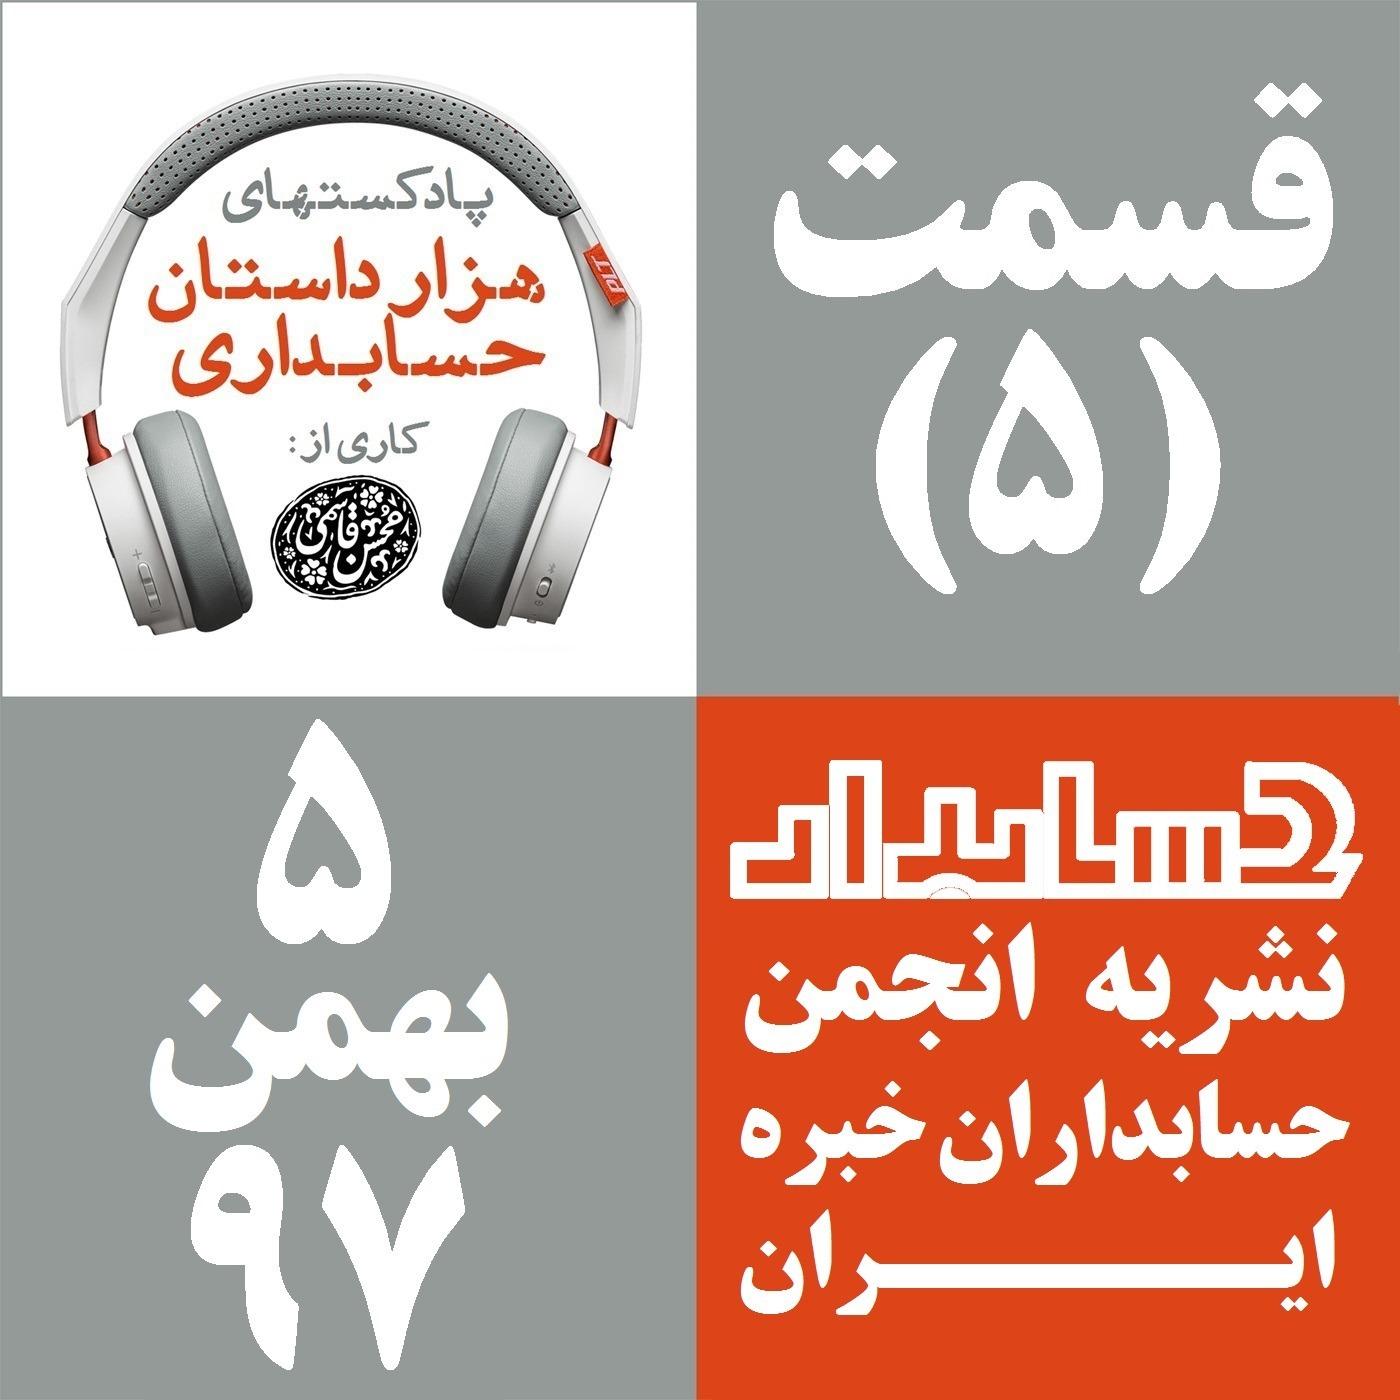 قسمت 5 - مجله حسابدار، نشریه انجمن حسابداران خبره ایران